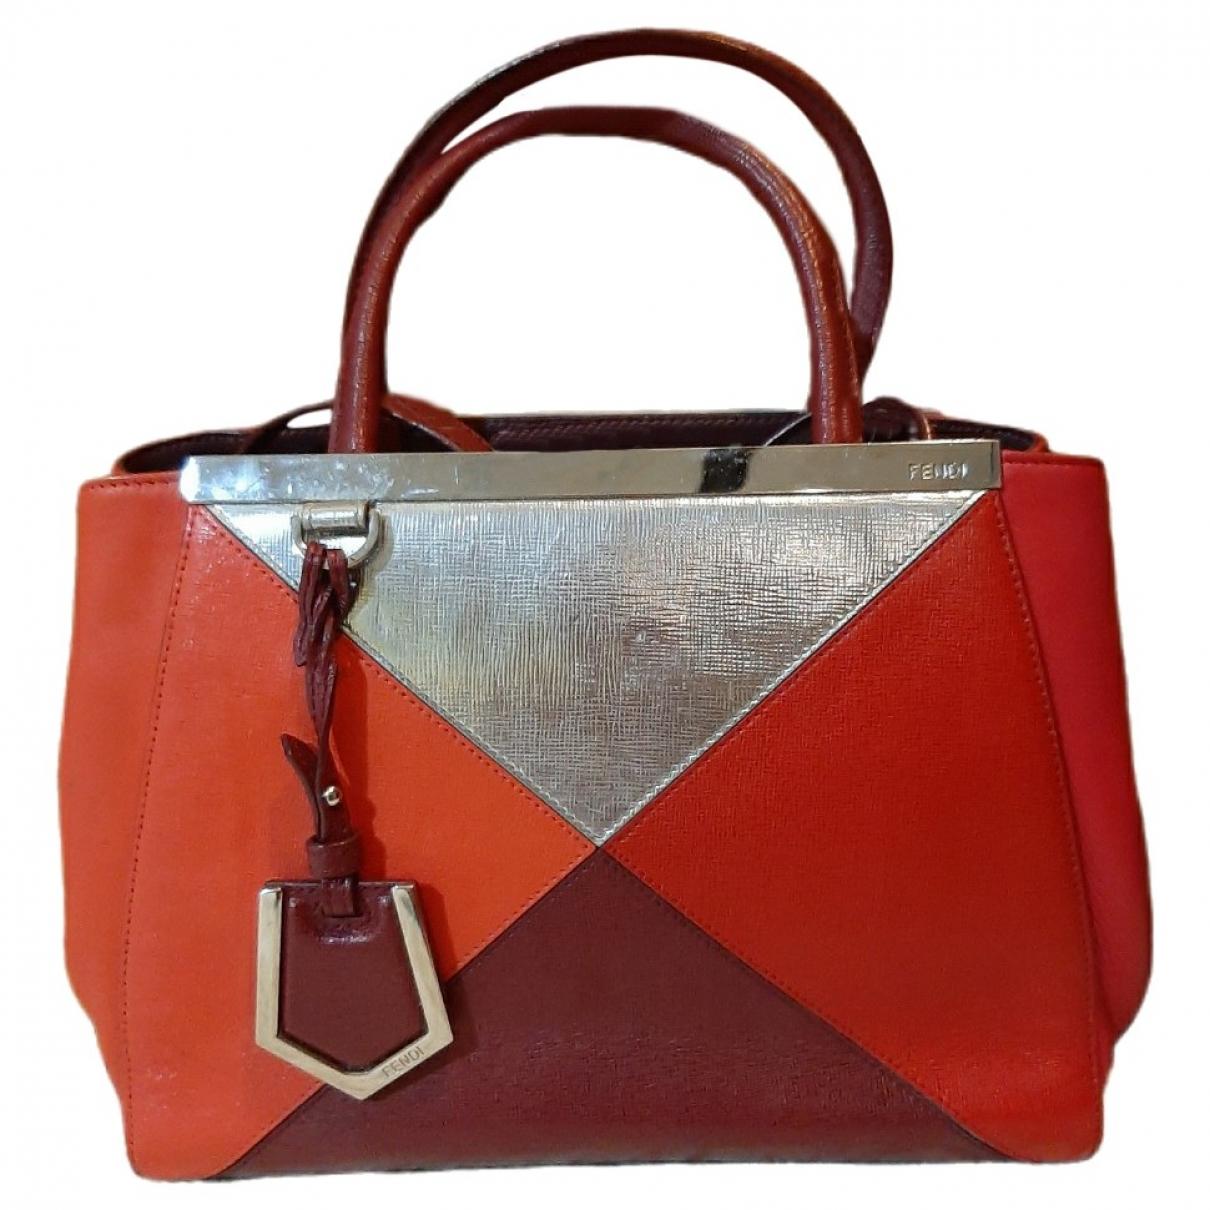 Fendi 2Jours Red Leather handbag for Women \N